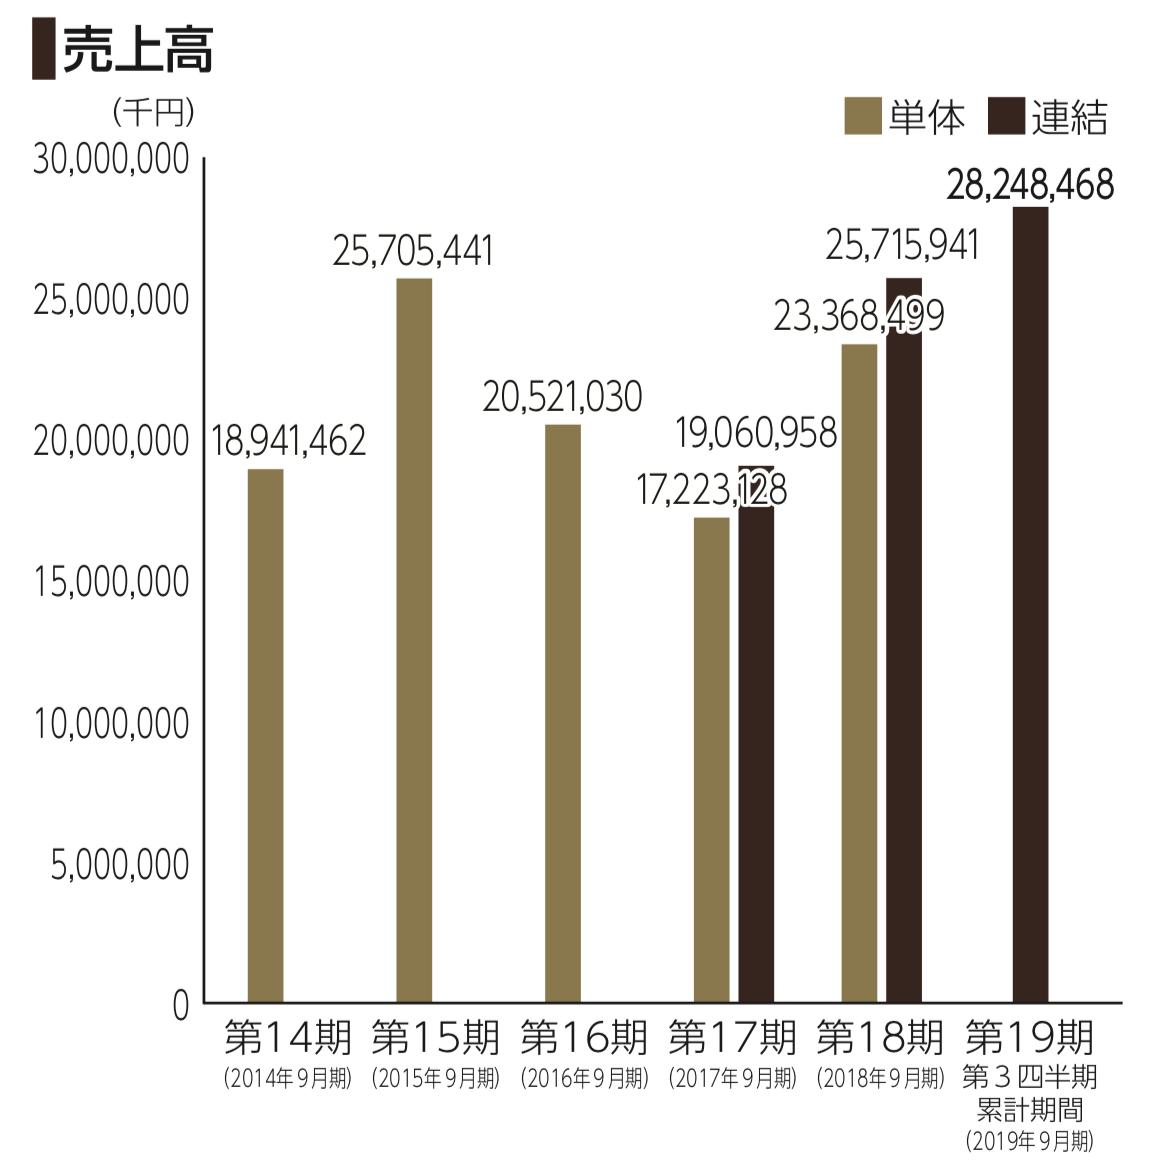 レオクランの売上高の推移